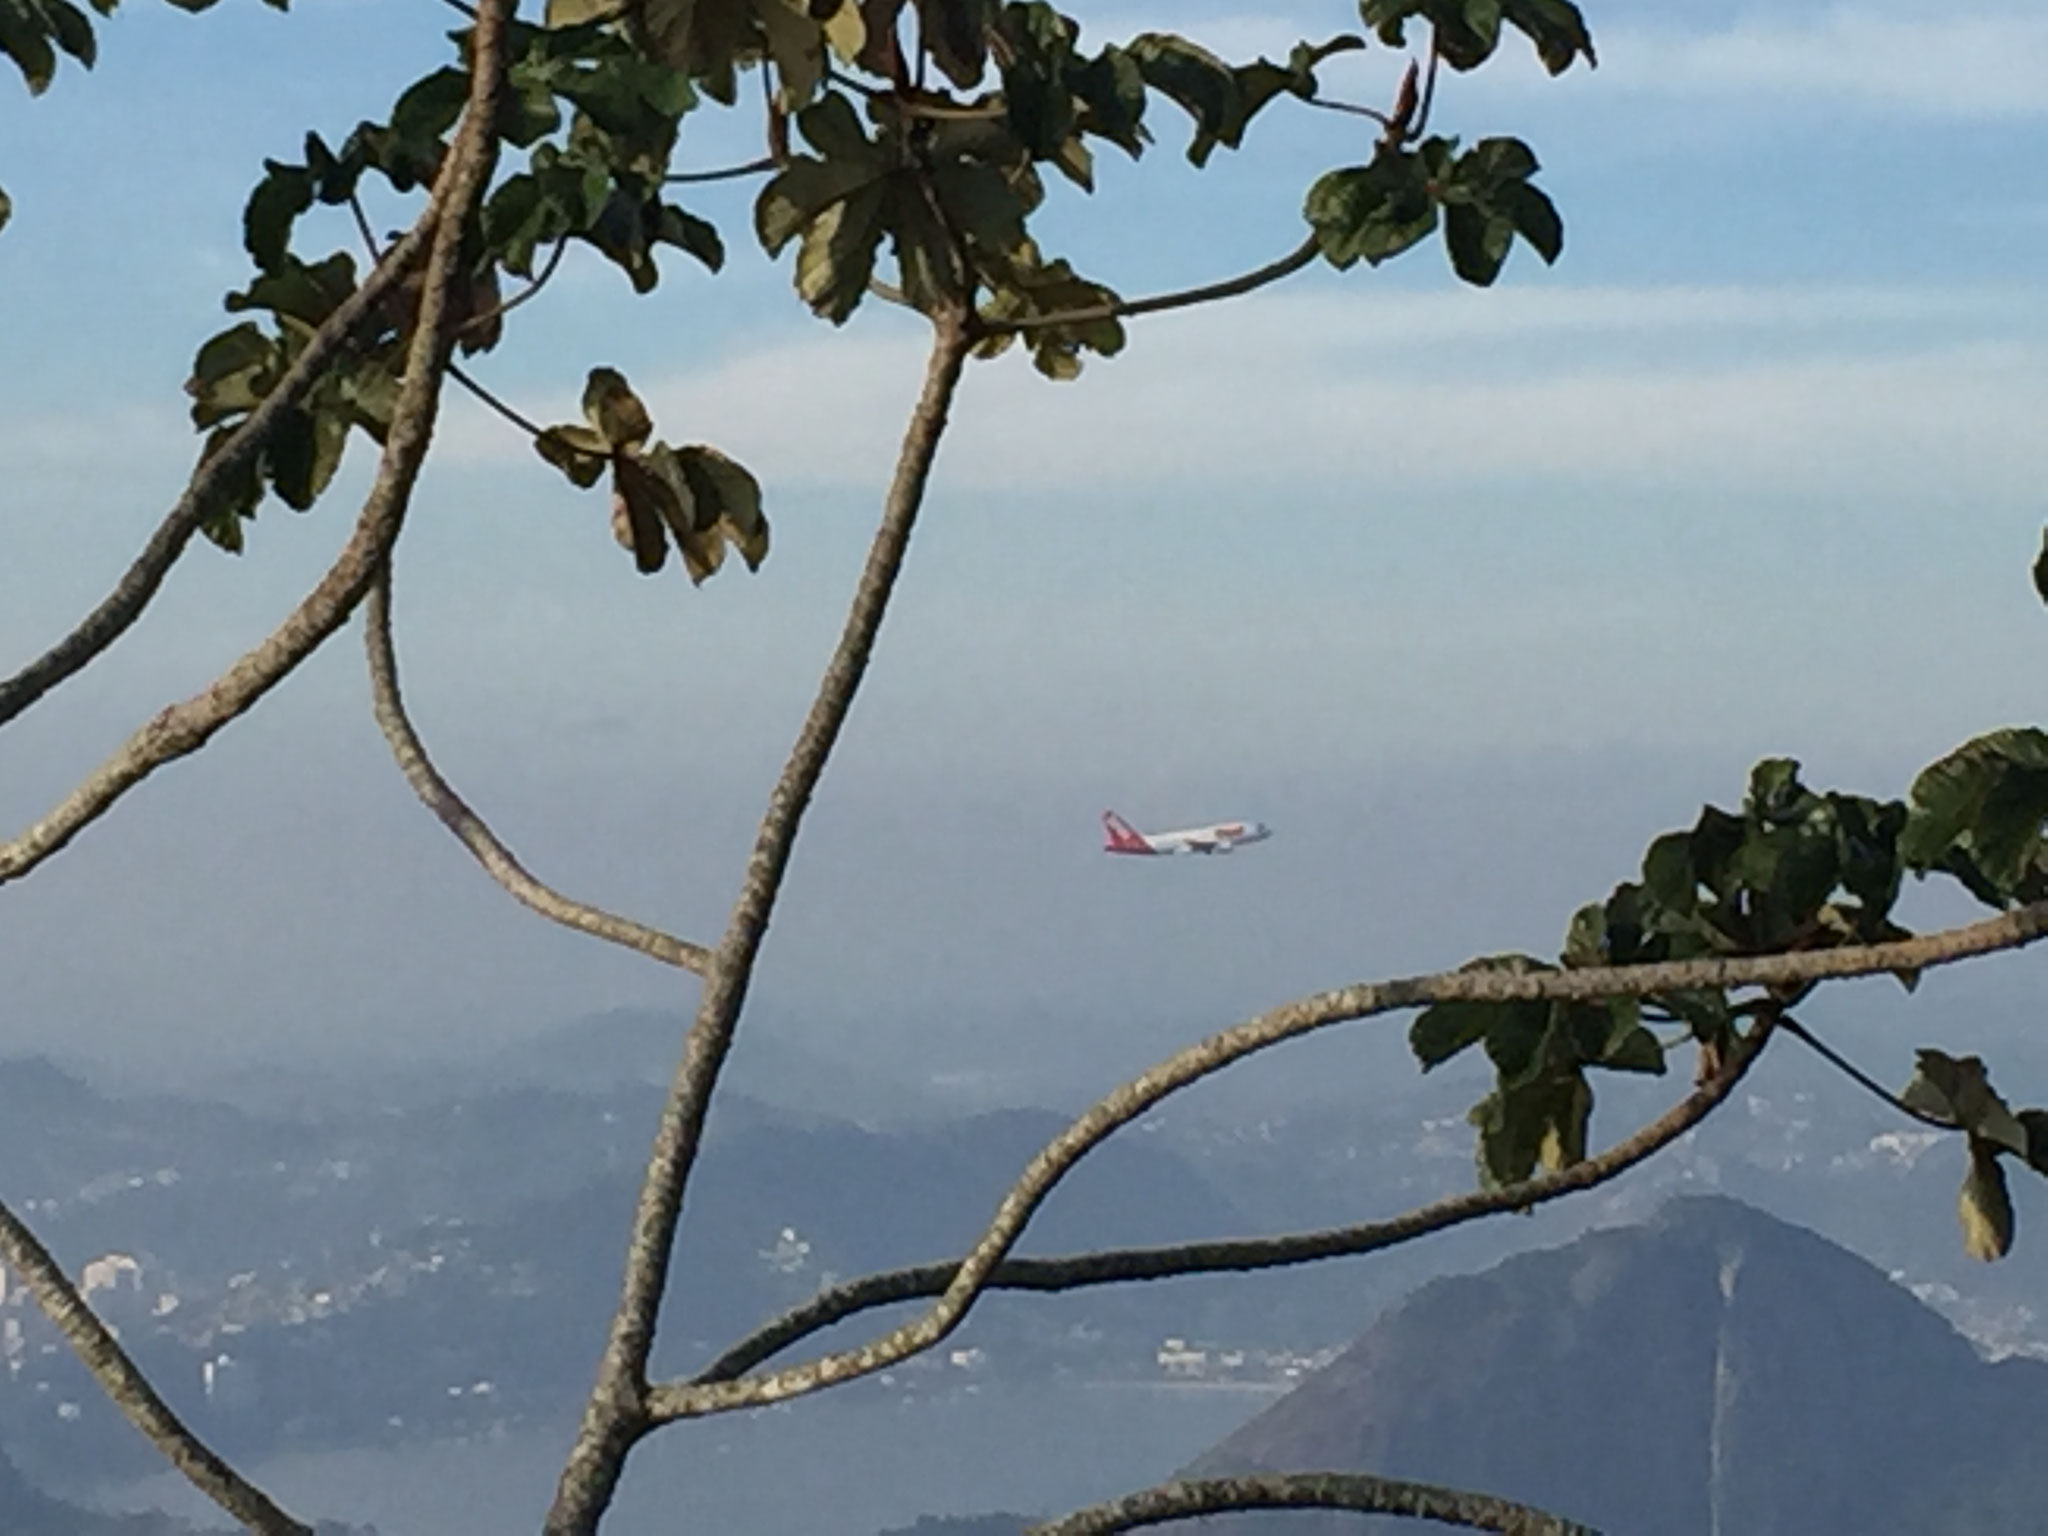 Flugzeuge fliegen vorbei